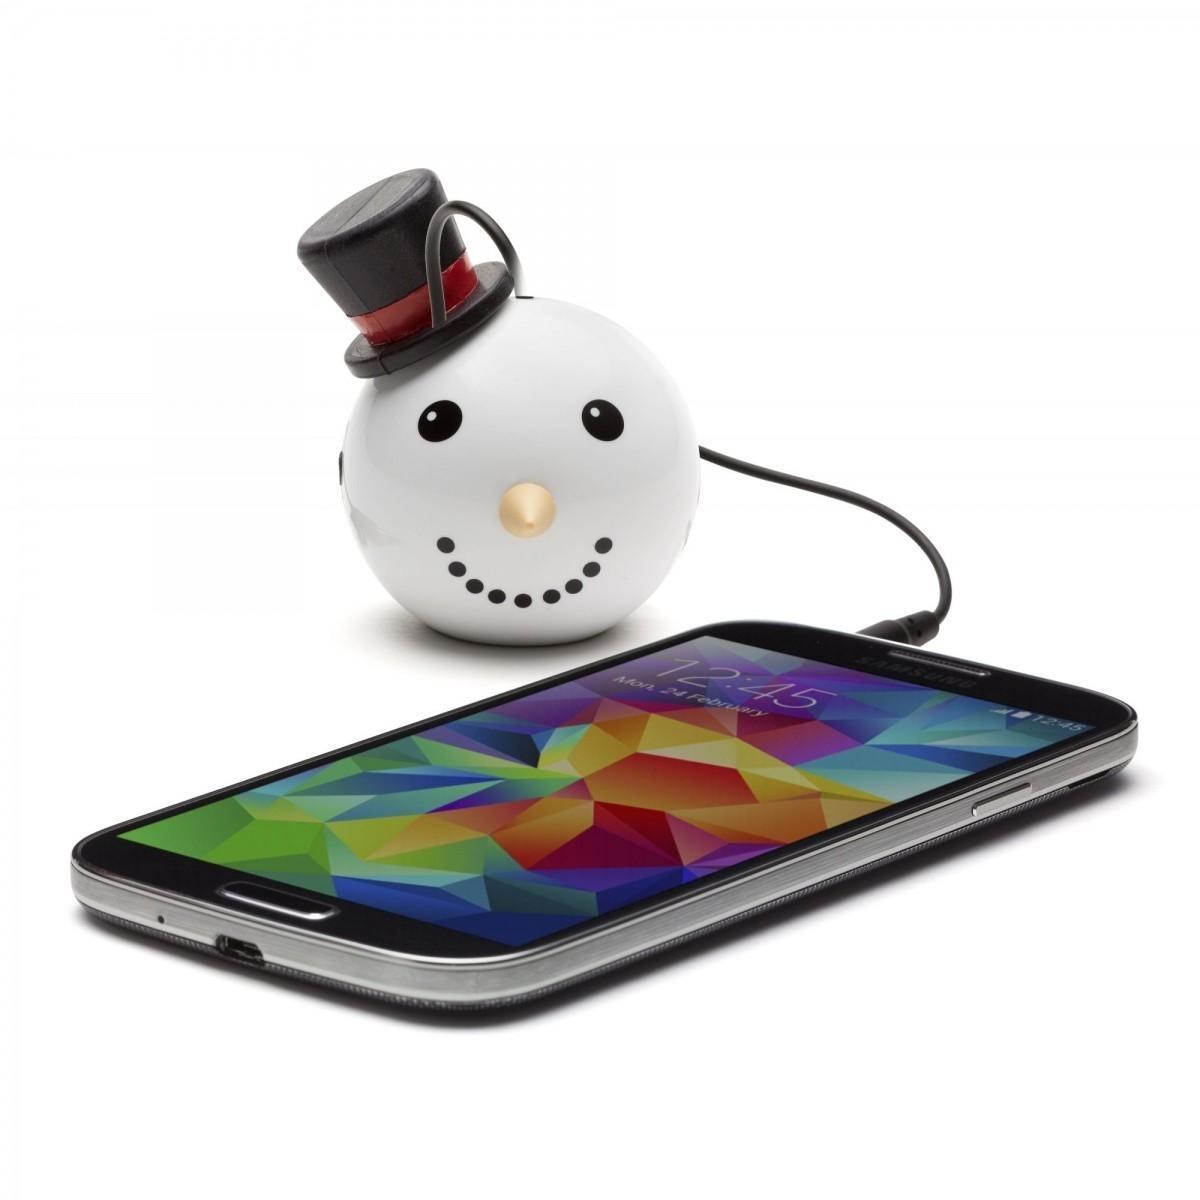 Přenosný reproduktor KitSound Mini Buddy Snowman s dětským motivem sněhuláka